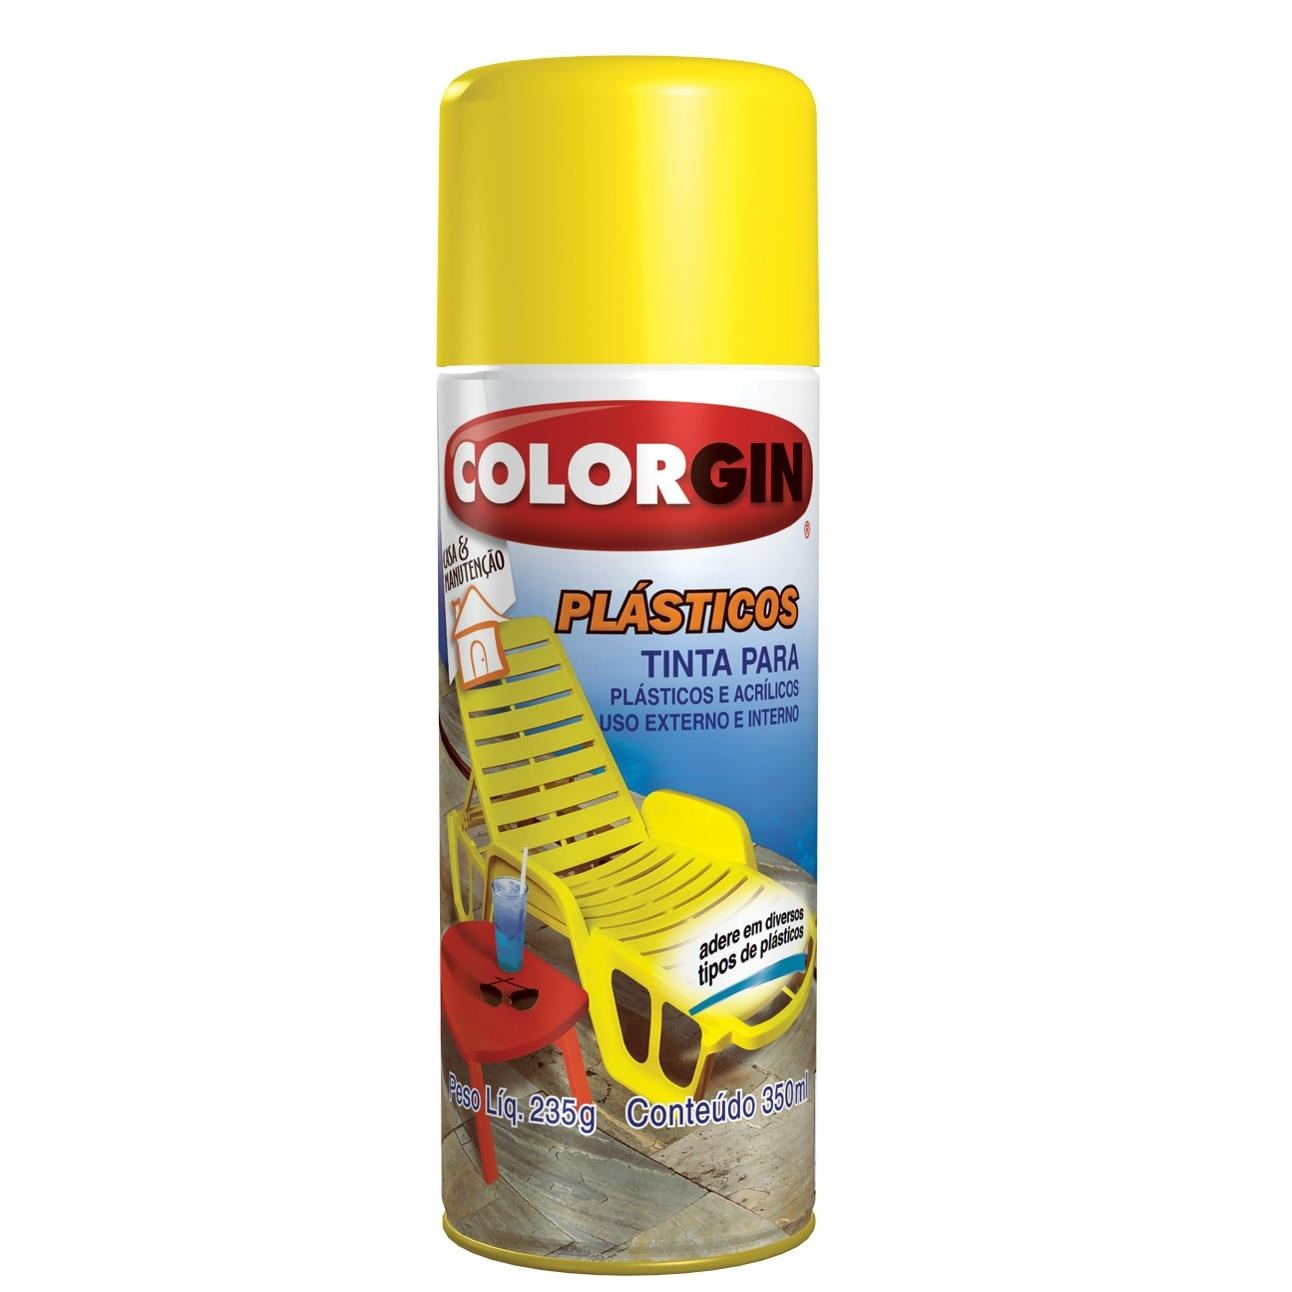 Tinta Spray Fosco Plastico Interno e Externo - Preto - 350ml - Colorgin